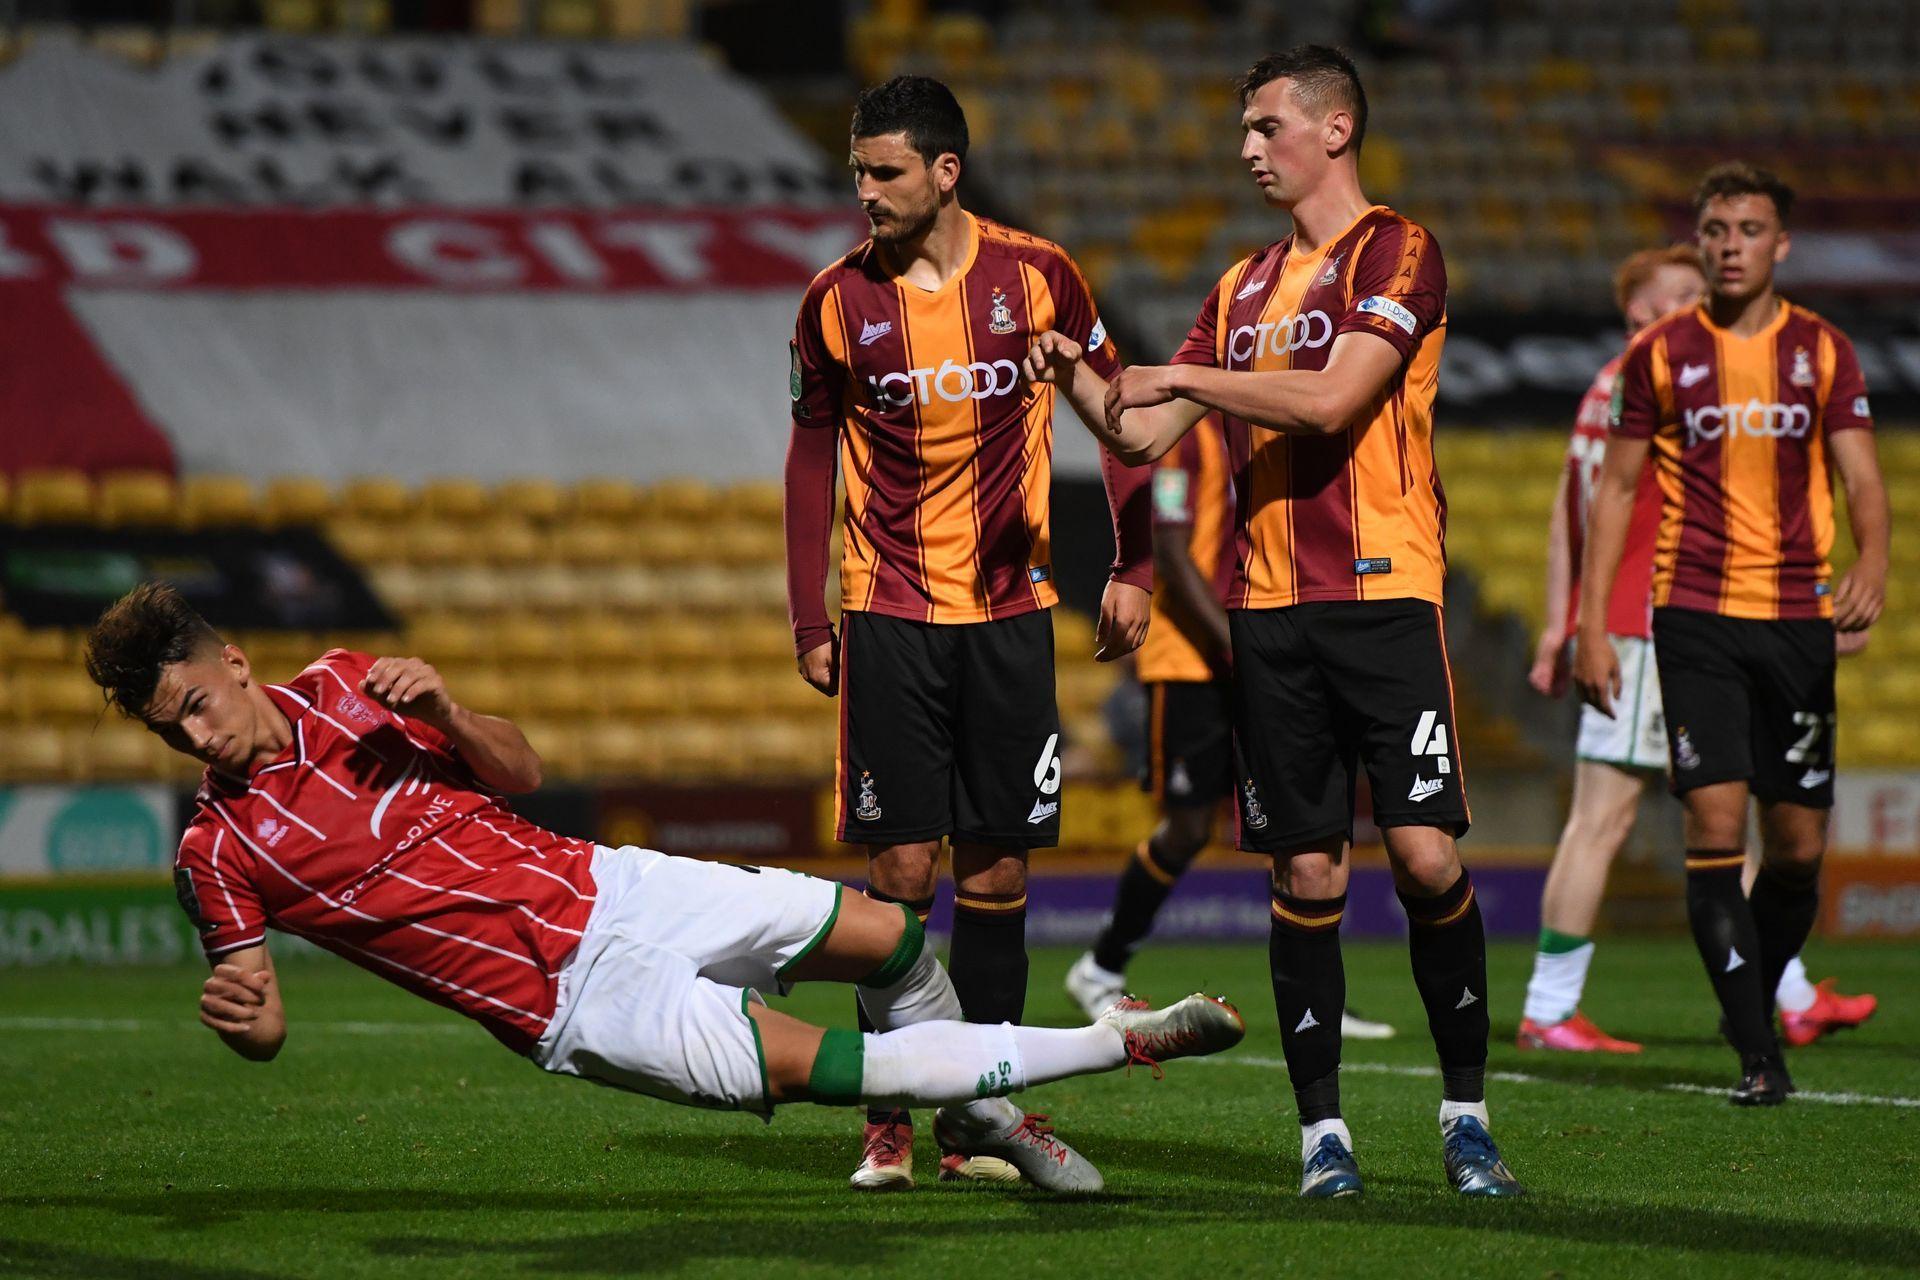 Монтсма (в червено) бележи срещу Брадфод в миналия кръг за Купата на лигата